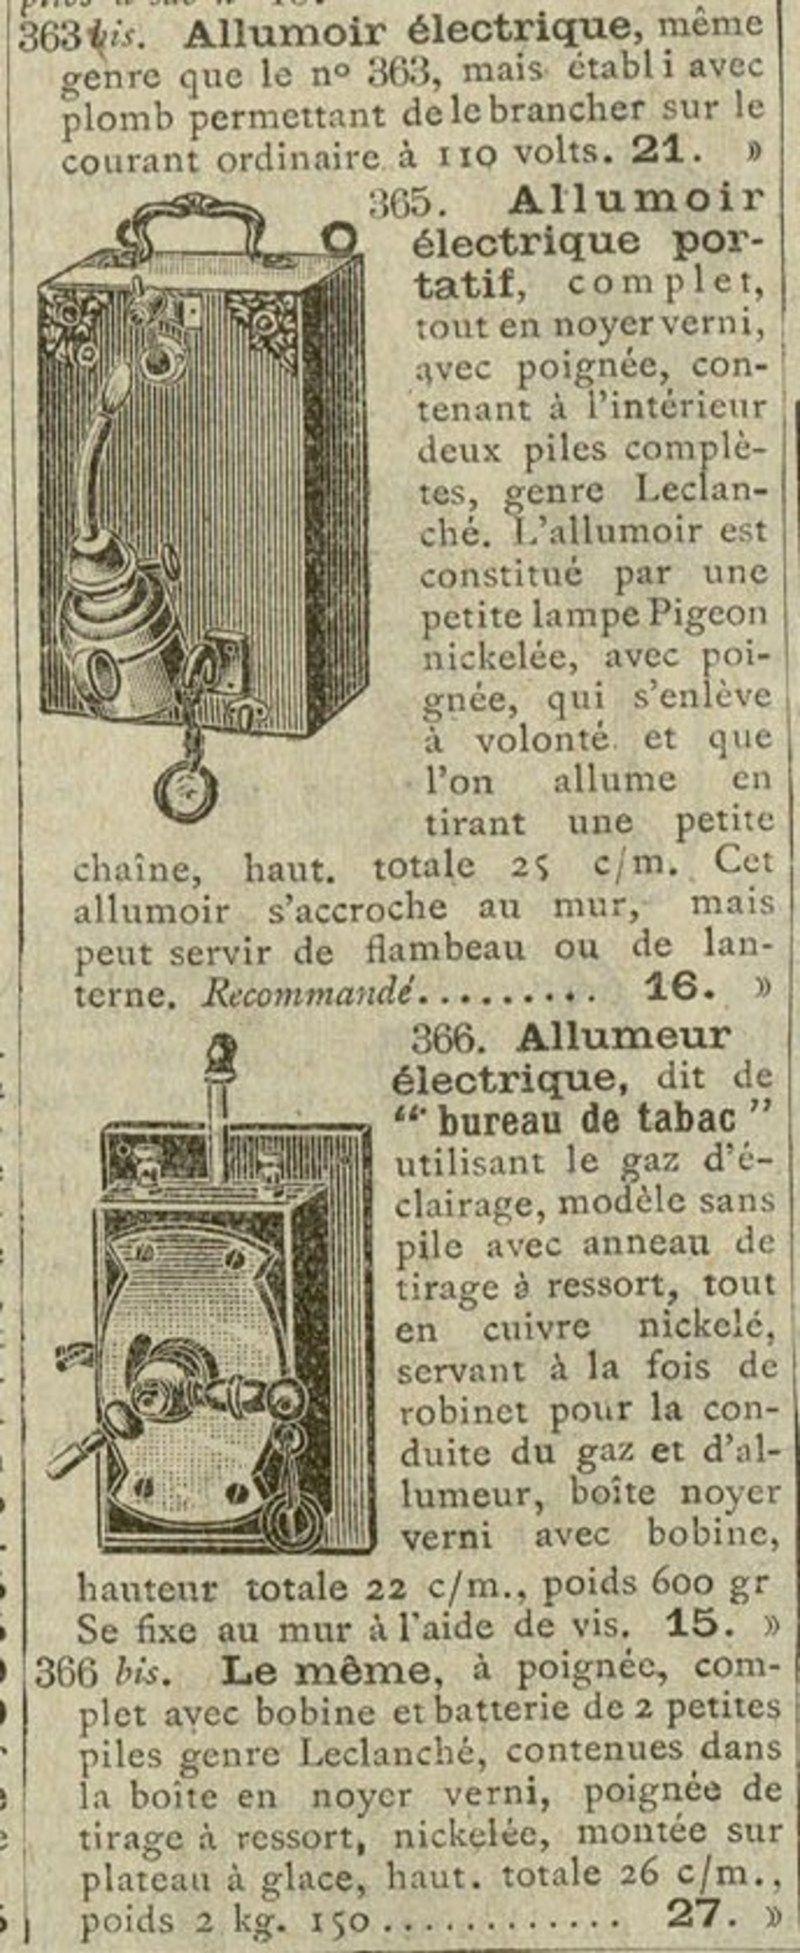 allumoir-bureau-de-tabac-tarif-album-1910.jpg